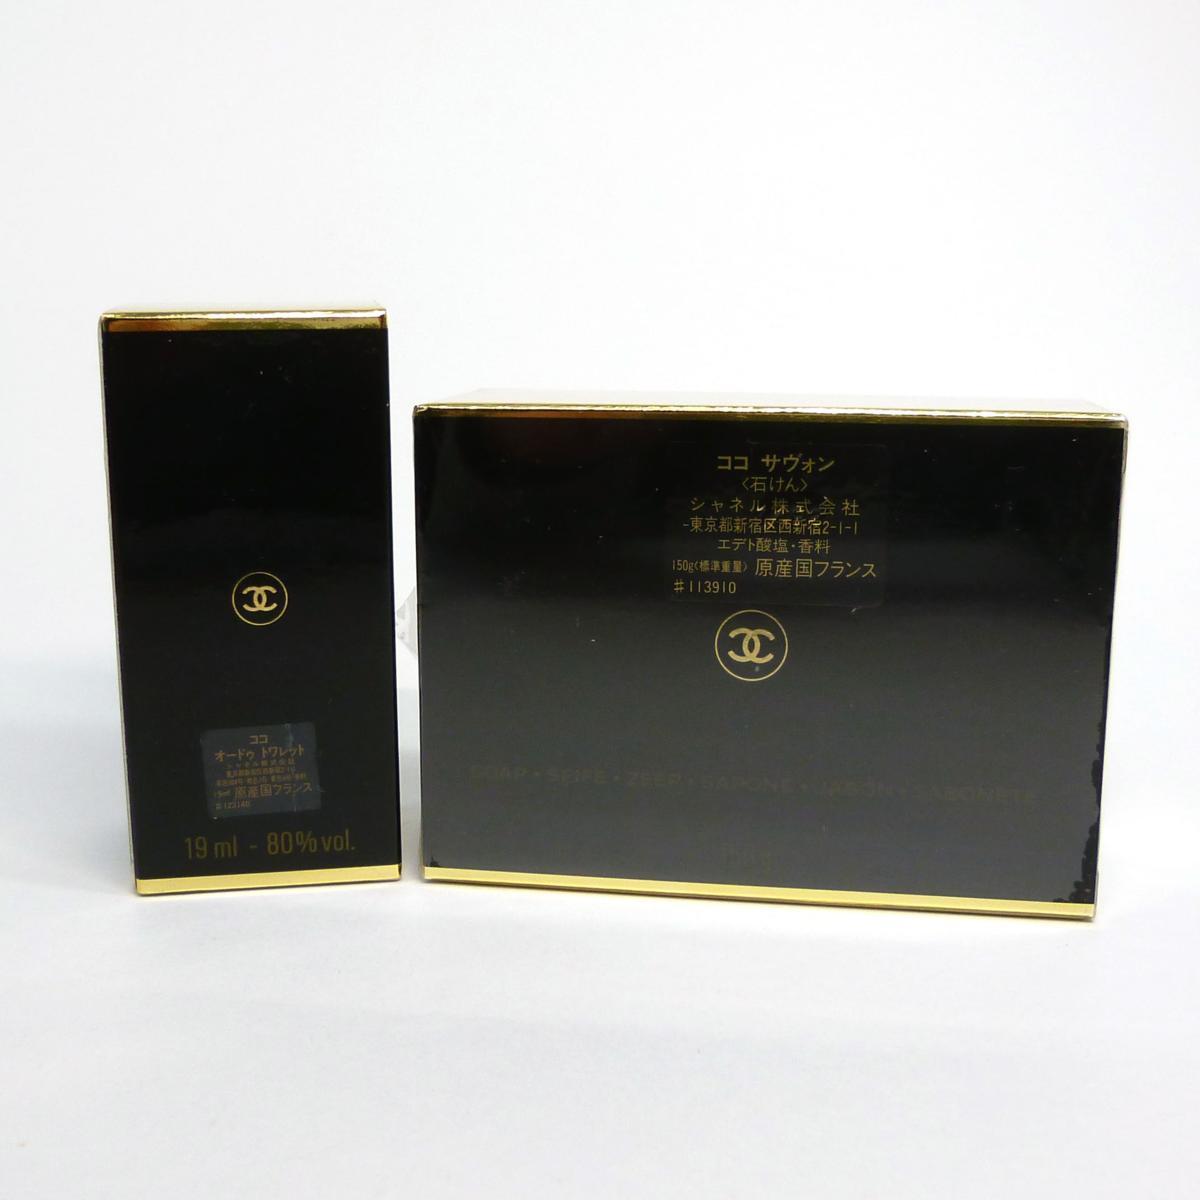 未使用 シャネル CHANEL ココ 香水19ml 石鹸150g セット EDT サヴォン_画像3